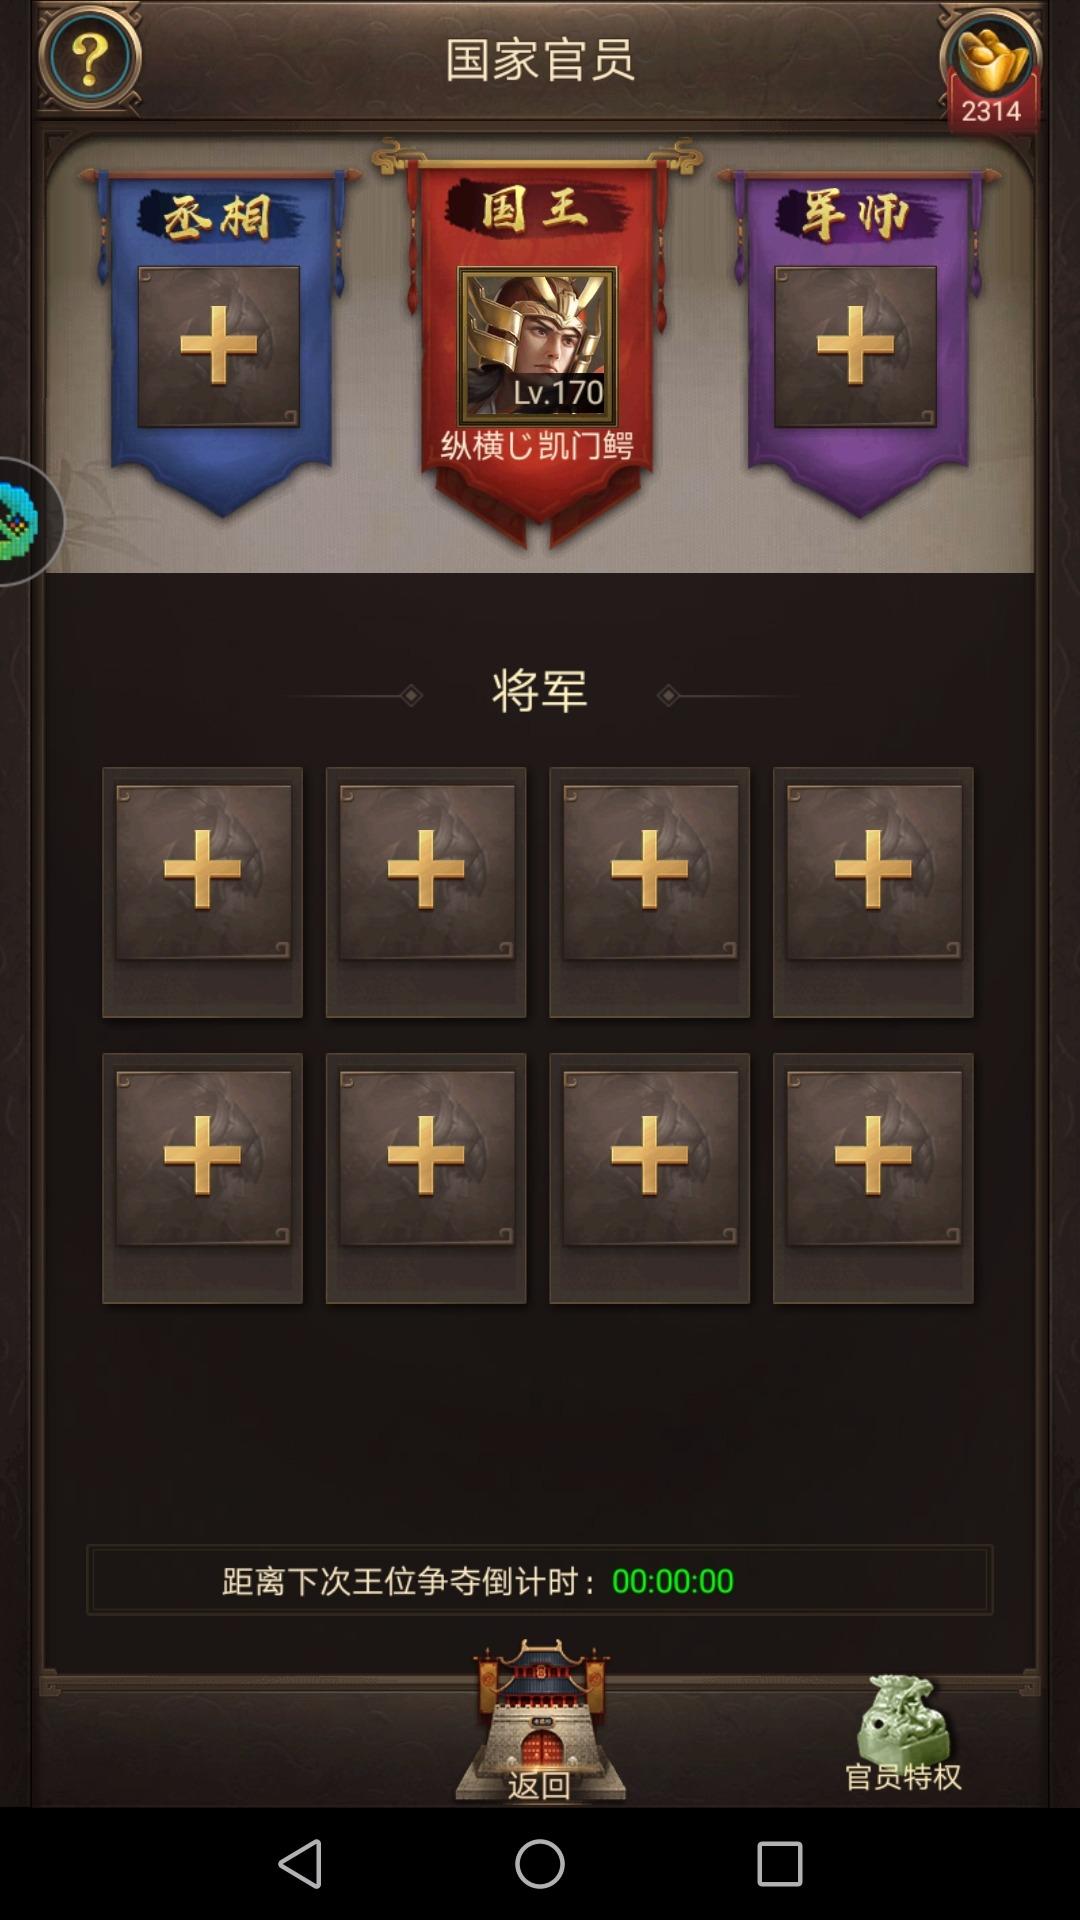 Screenshot_20181011-200229.jpg